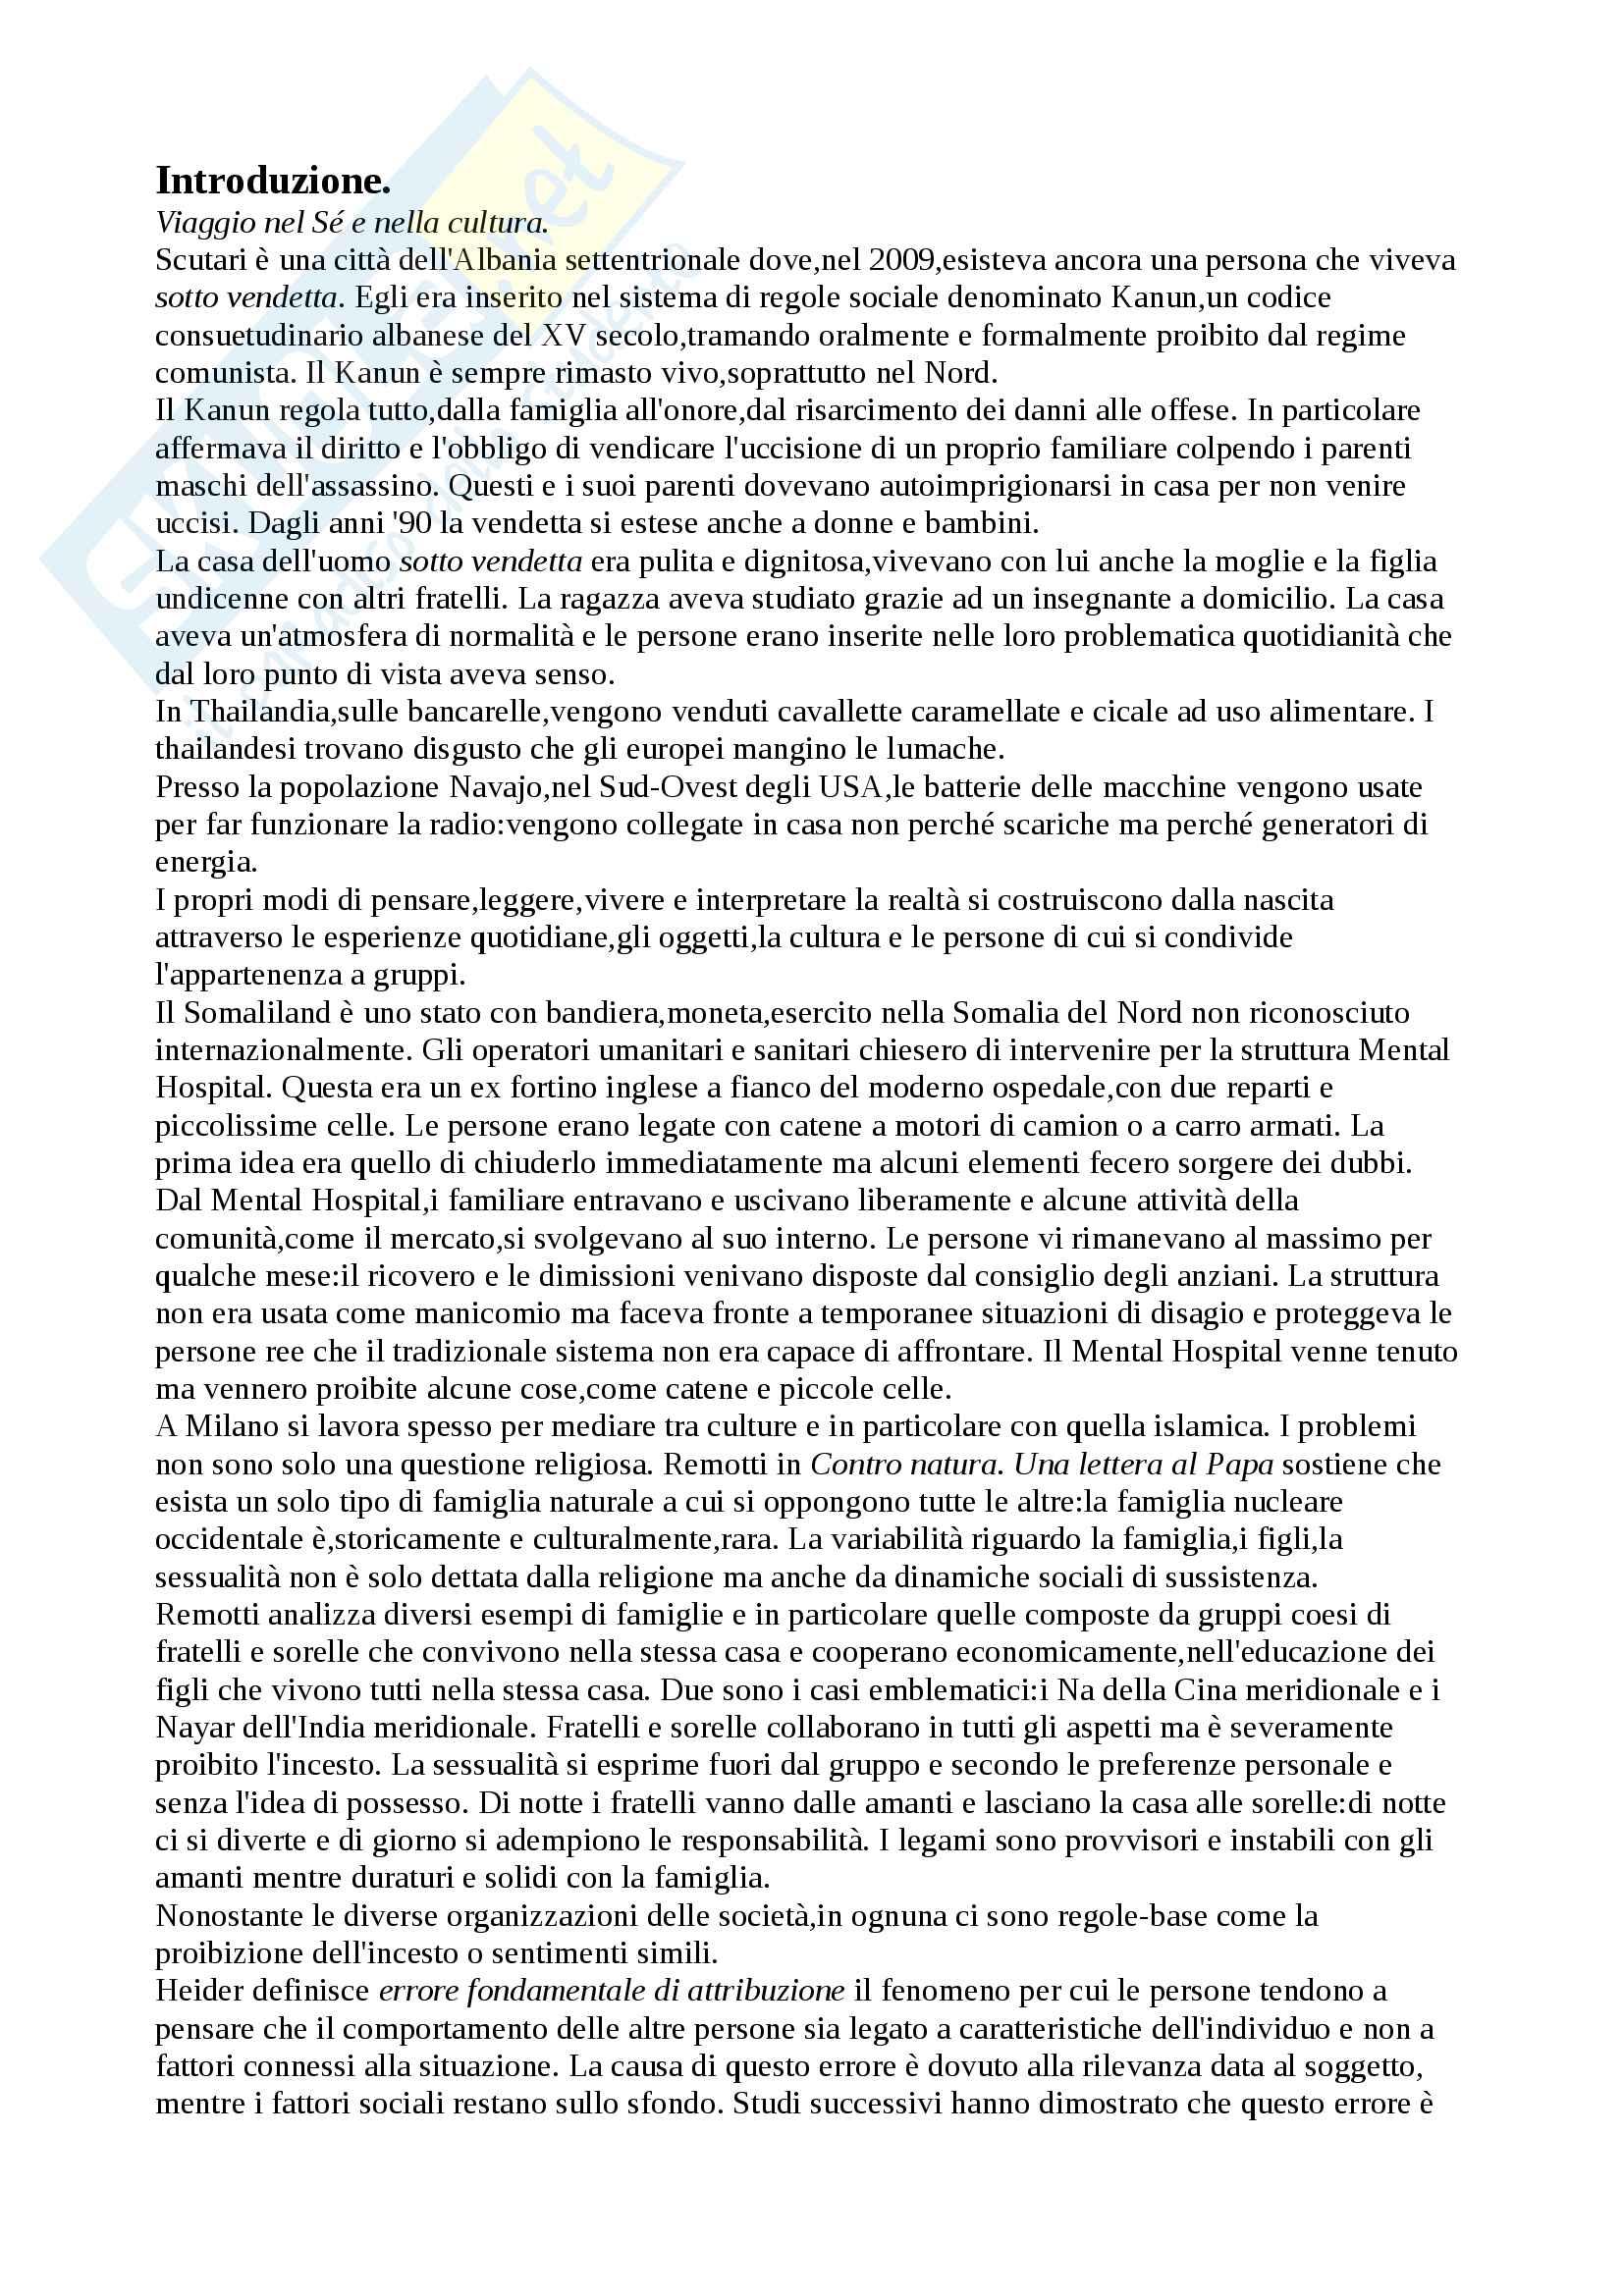 Riassunto esame psicologia sociale da ambientale del professor Inghilleri,libro consigliato Psicologia culturale di Paolo Inghilleri